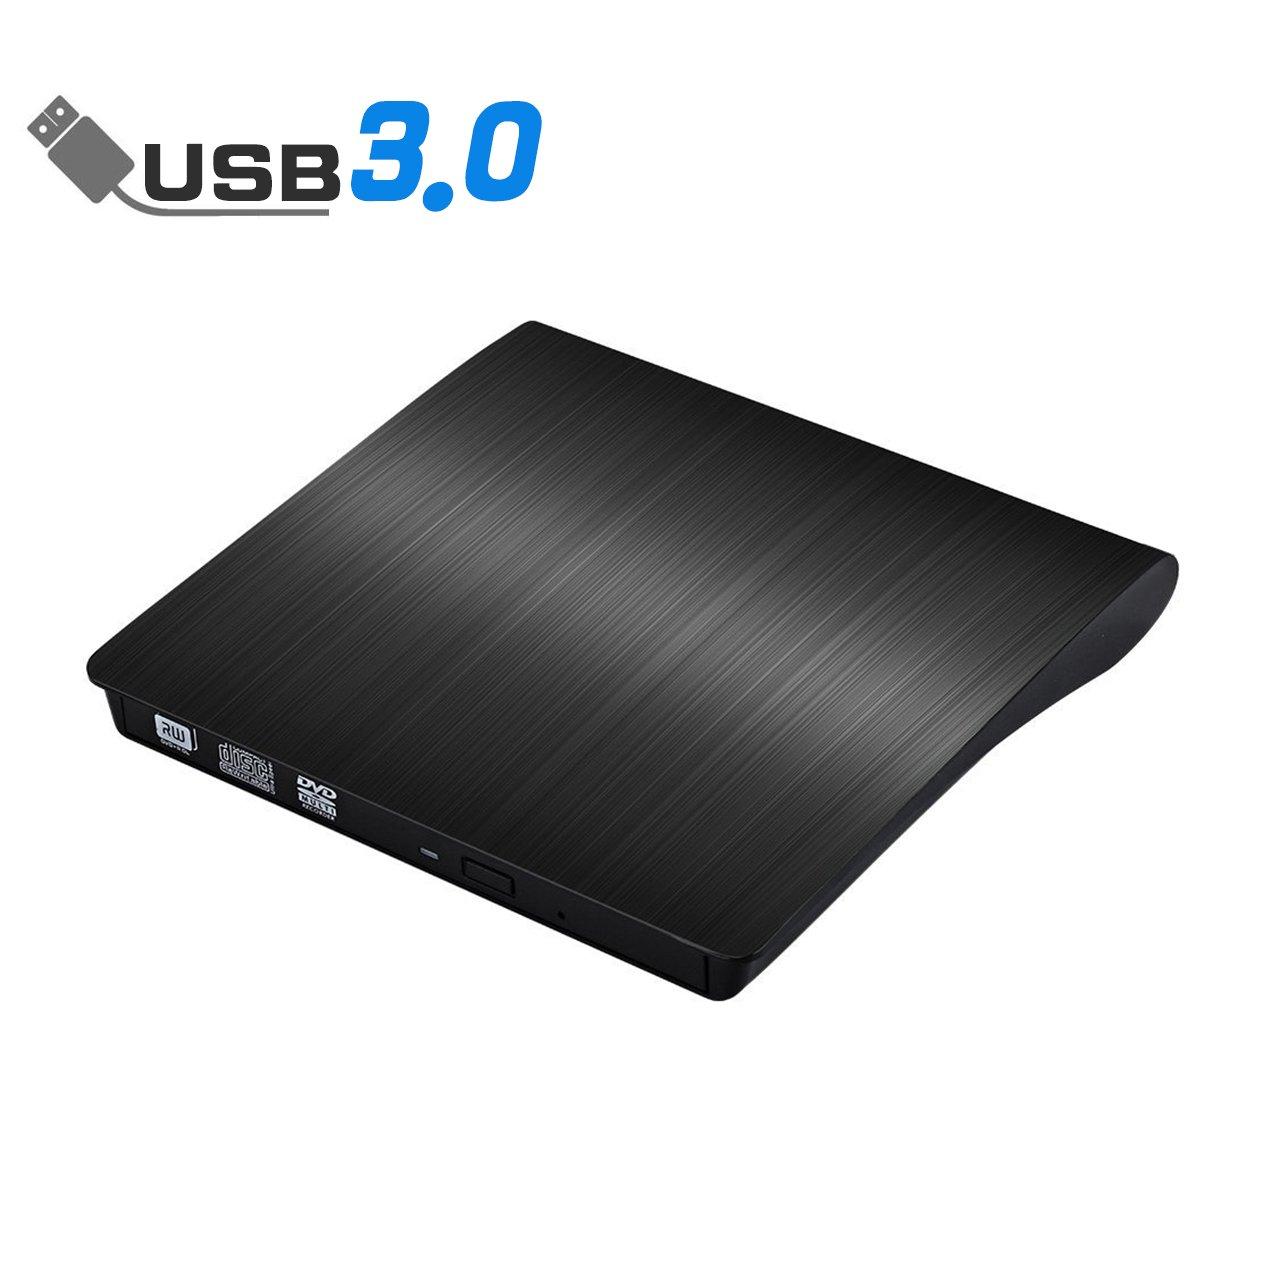 External CD Drive, Acetend USB 3.0 External DVD CD Drive, Burner High Speed Data Transfer USB dvd Player for Laptop Notebook PC Desktops Support Windows/Vista/7/8.1/10, Mac OSX and Linux OS (black)